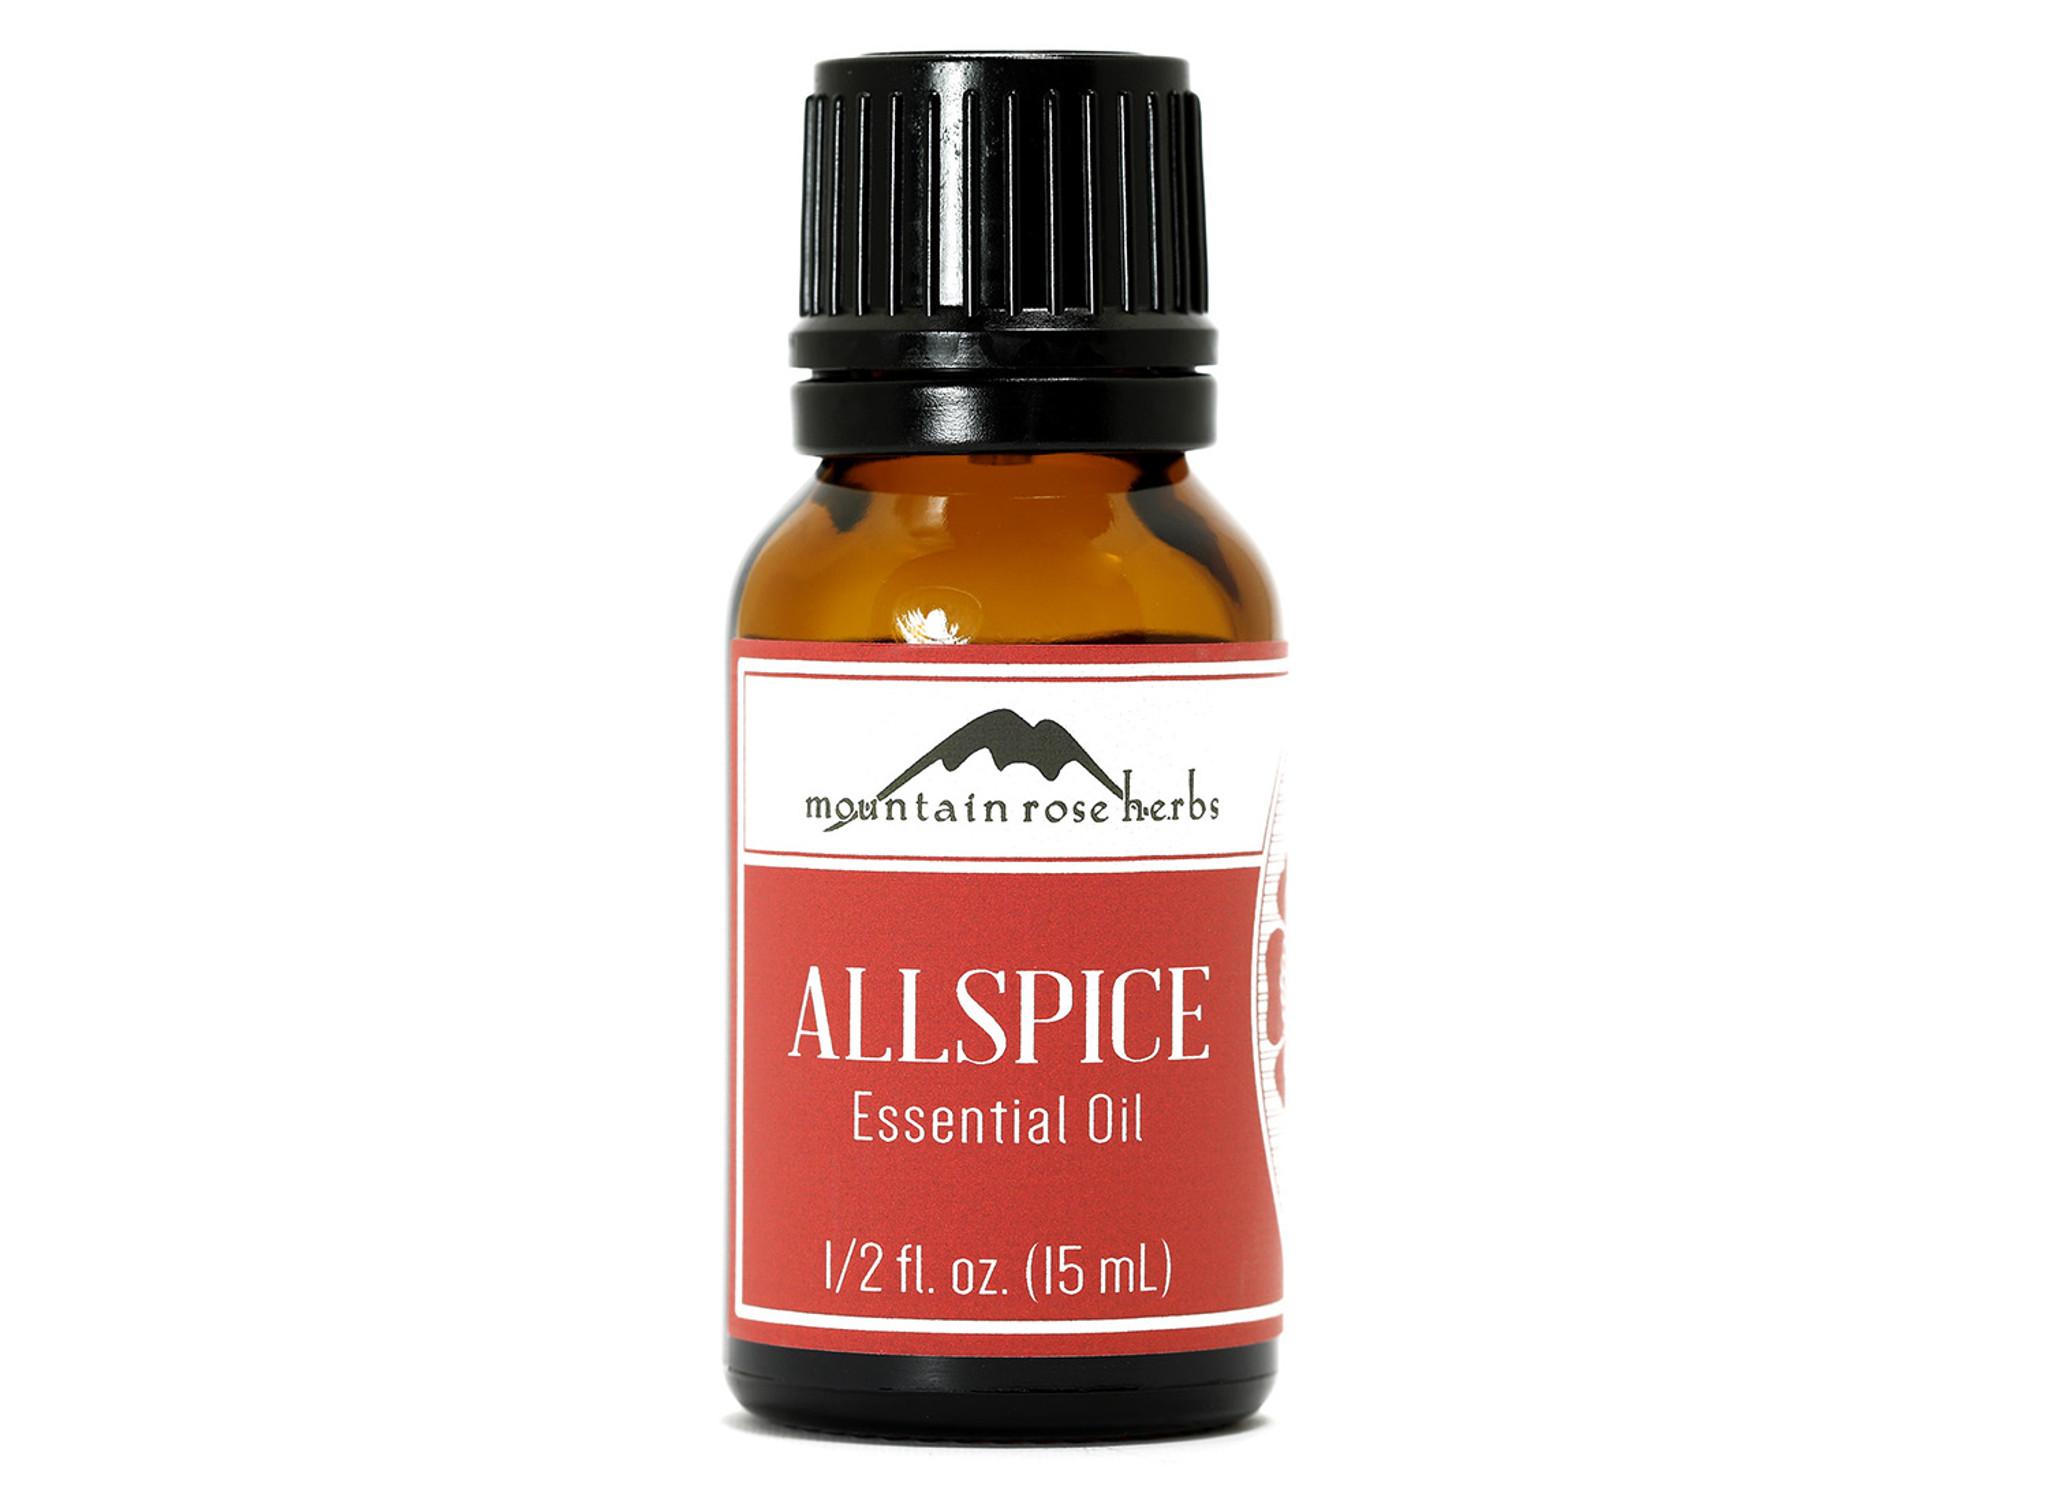 Allspice Essential Oil